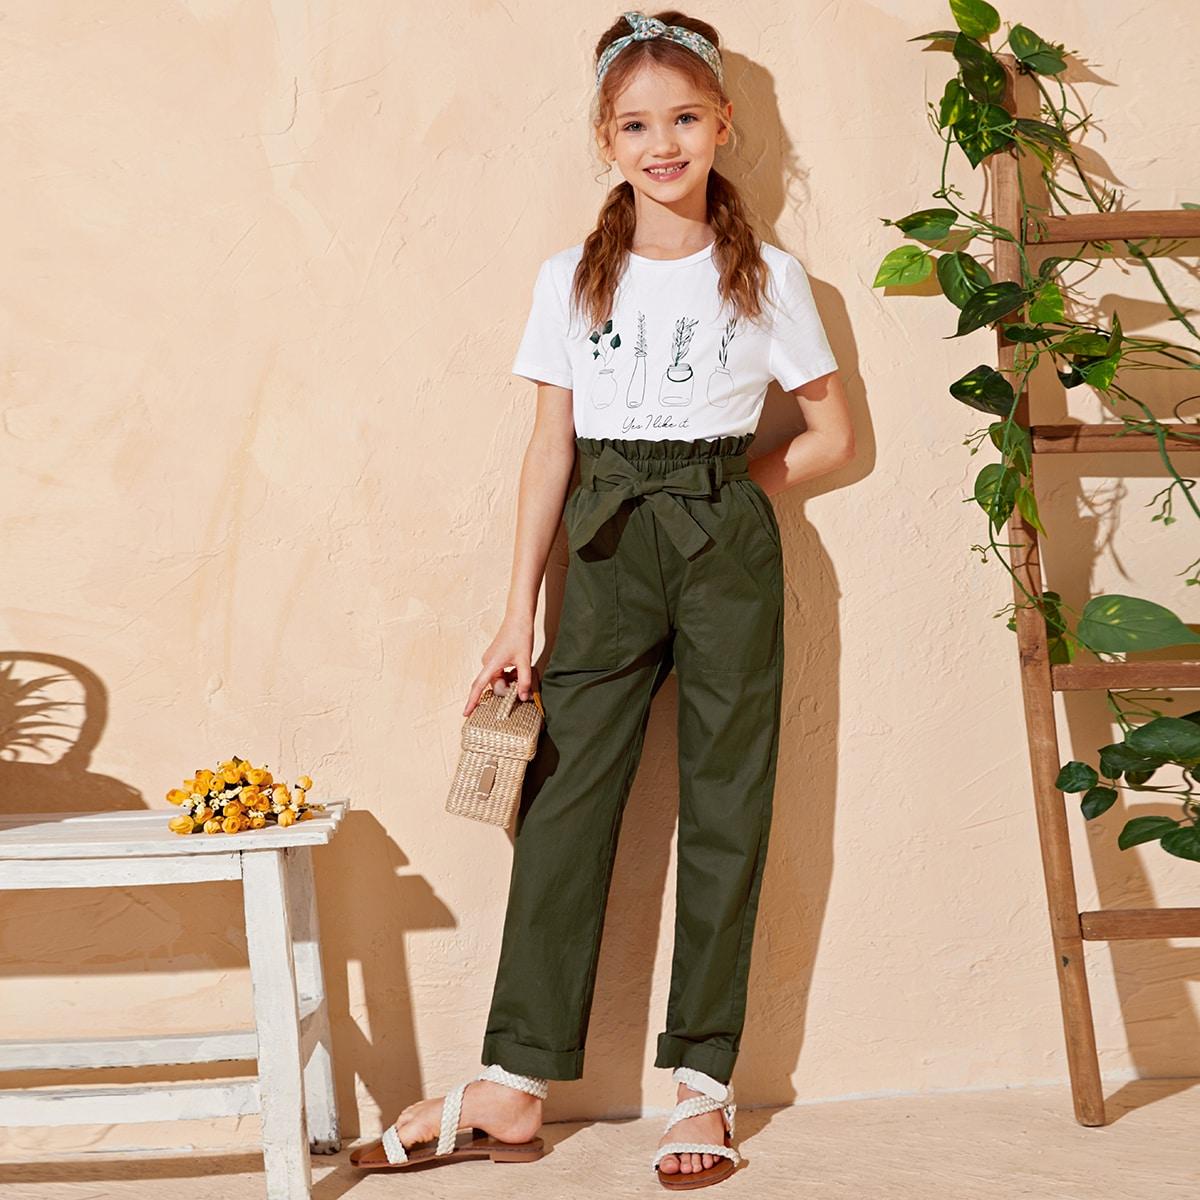 Топ с принтом растения и брюки с поясом, присборенной талией для девочек